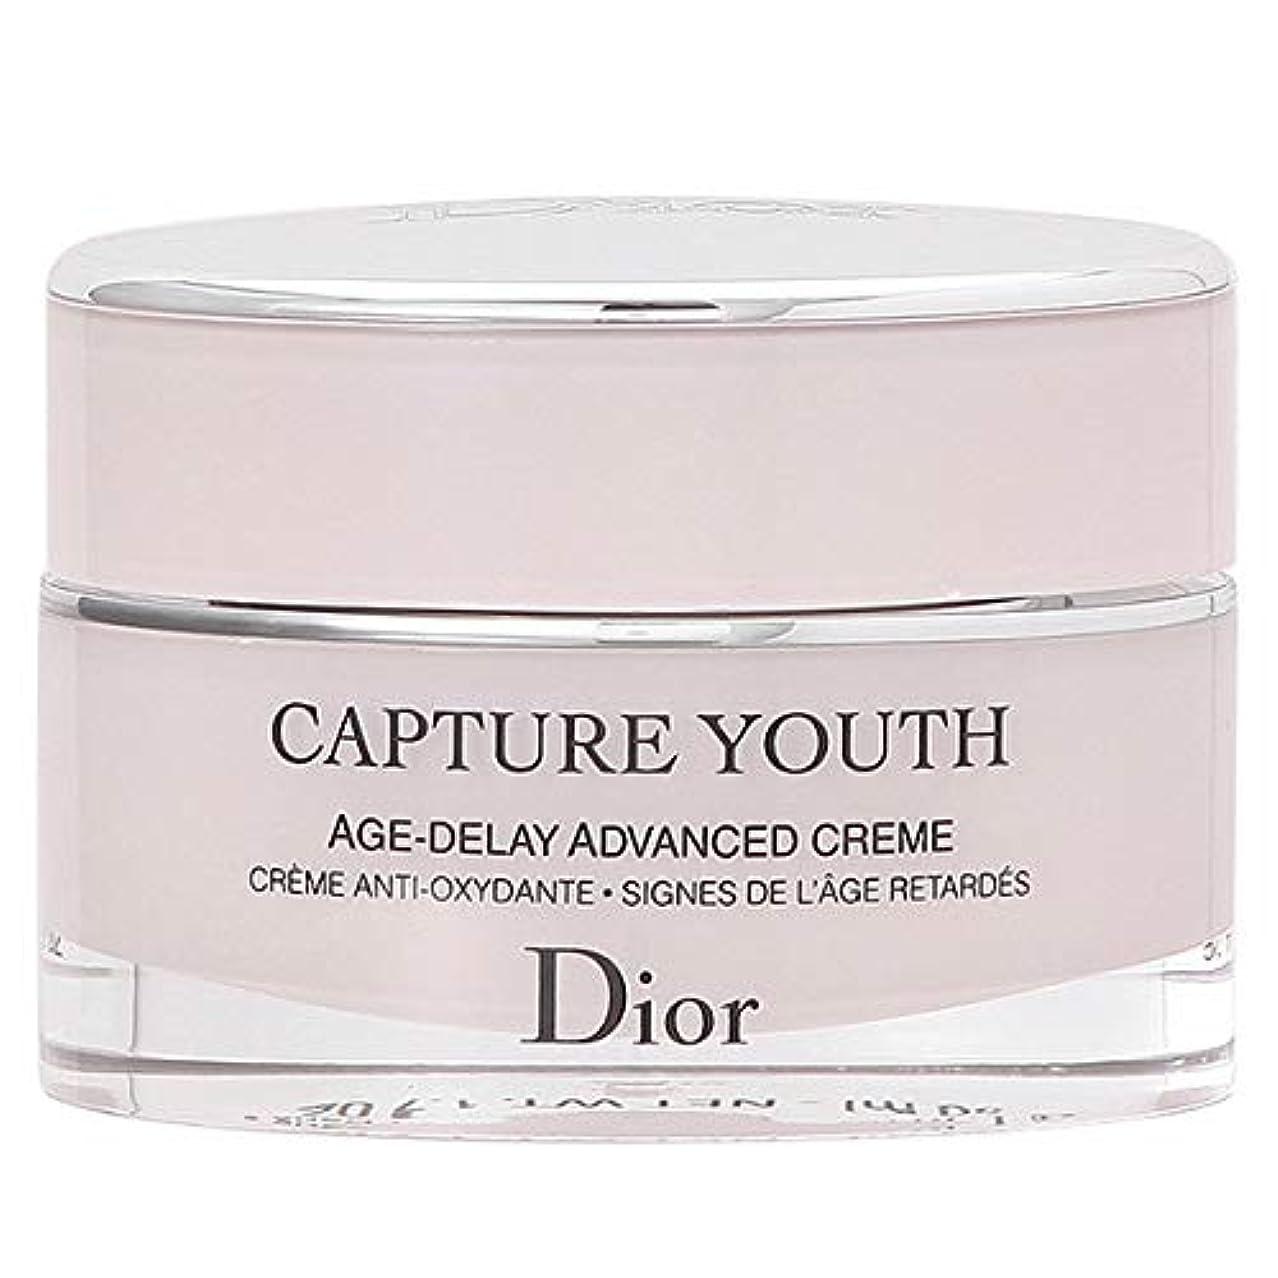 クリスチャンディオール Christian Dior カプチュール ユース 50mL [並行輸入品]